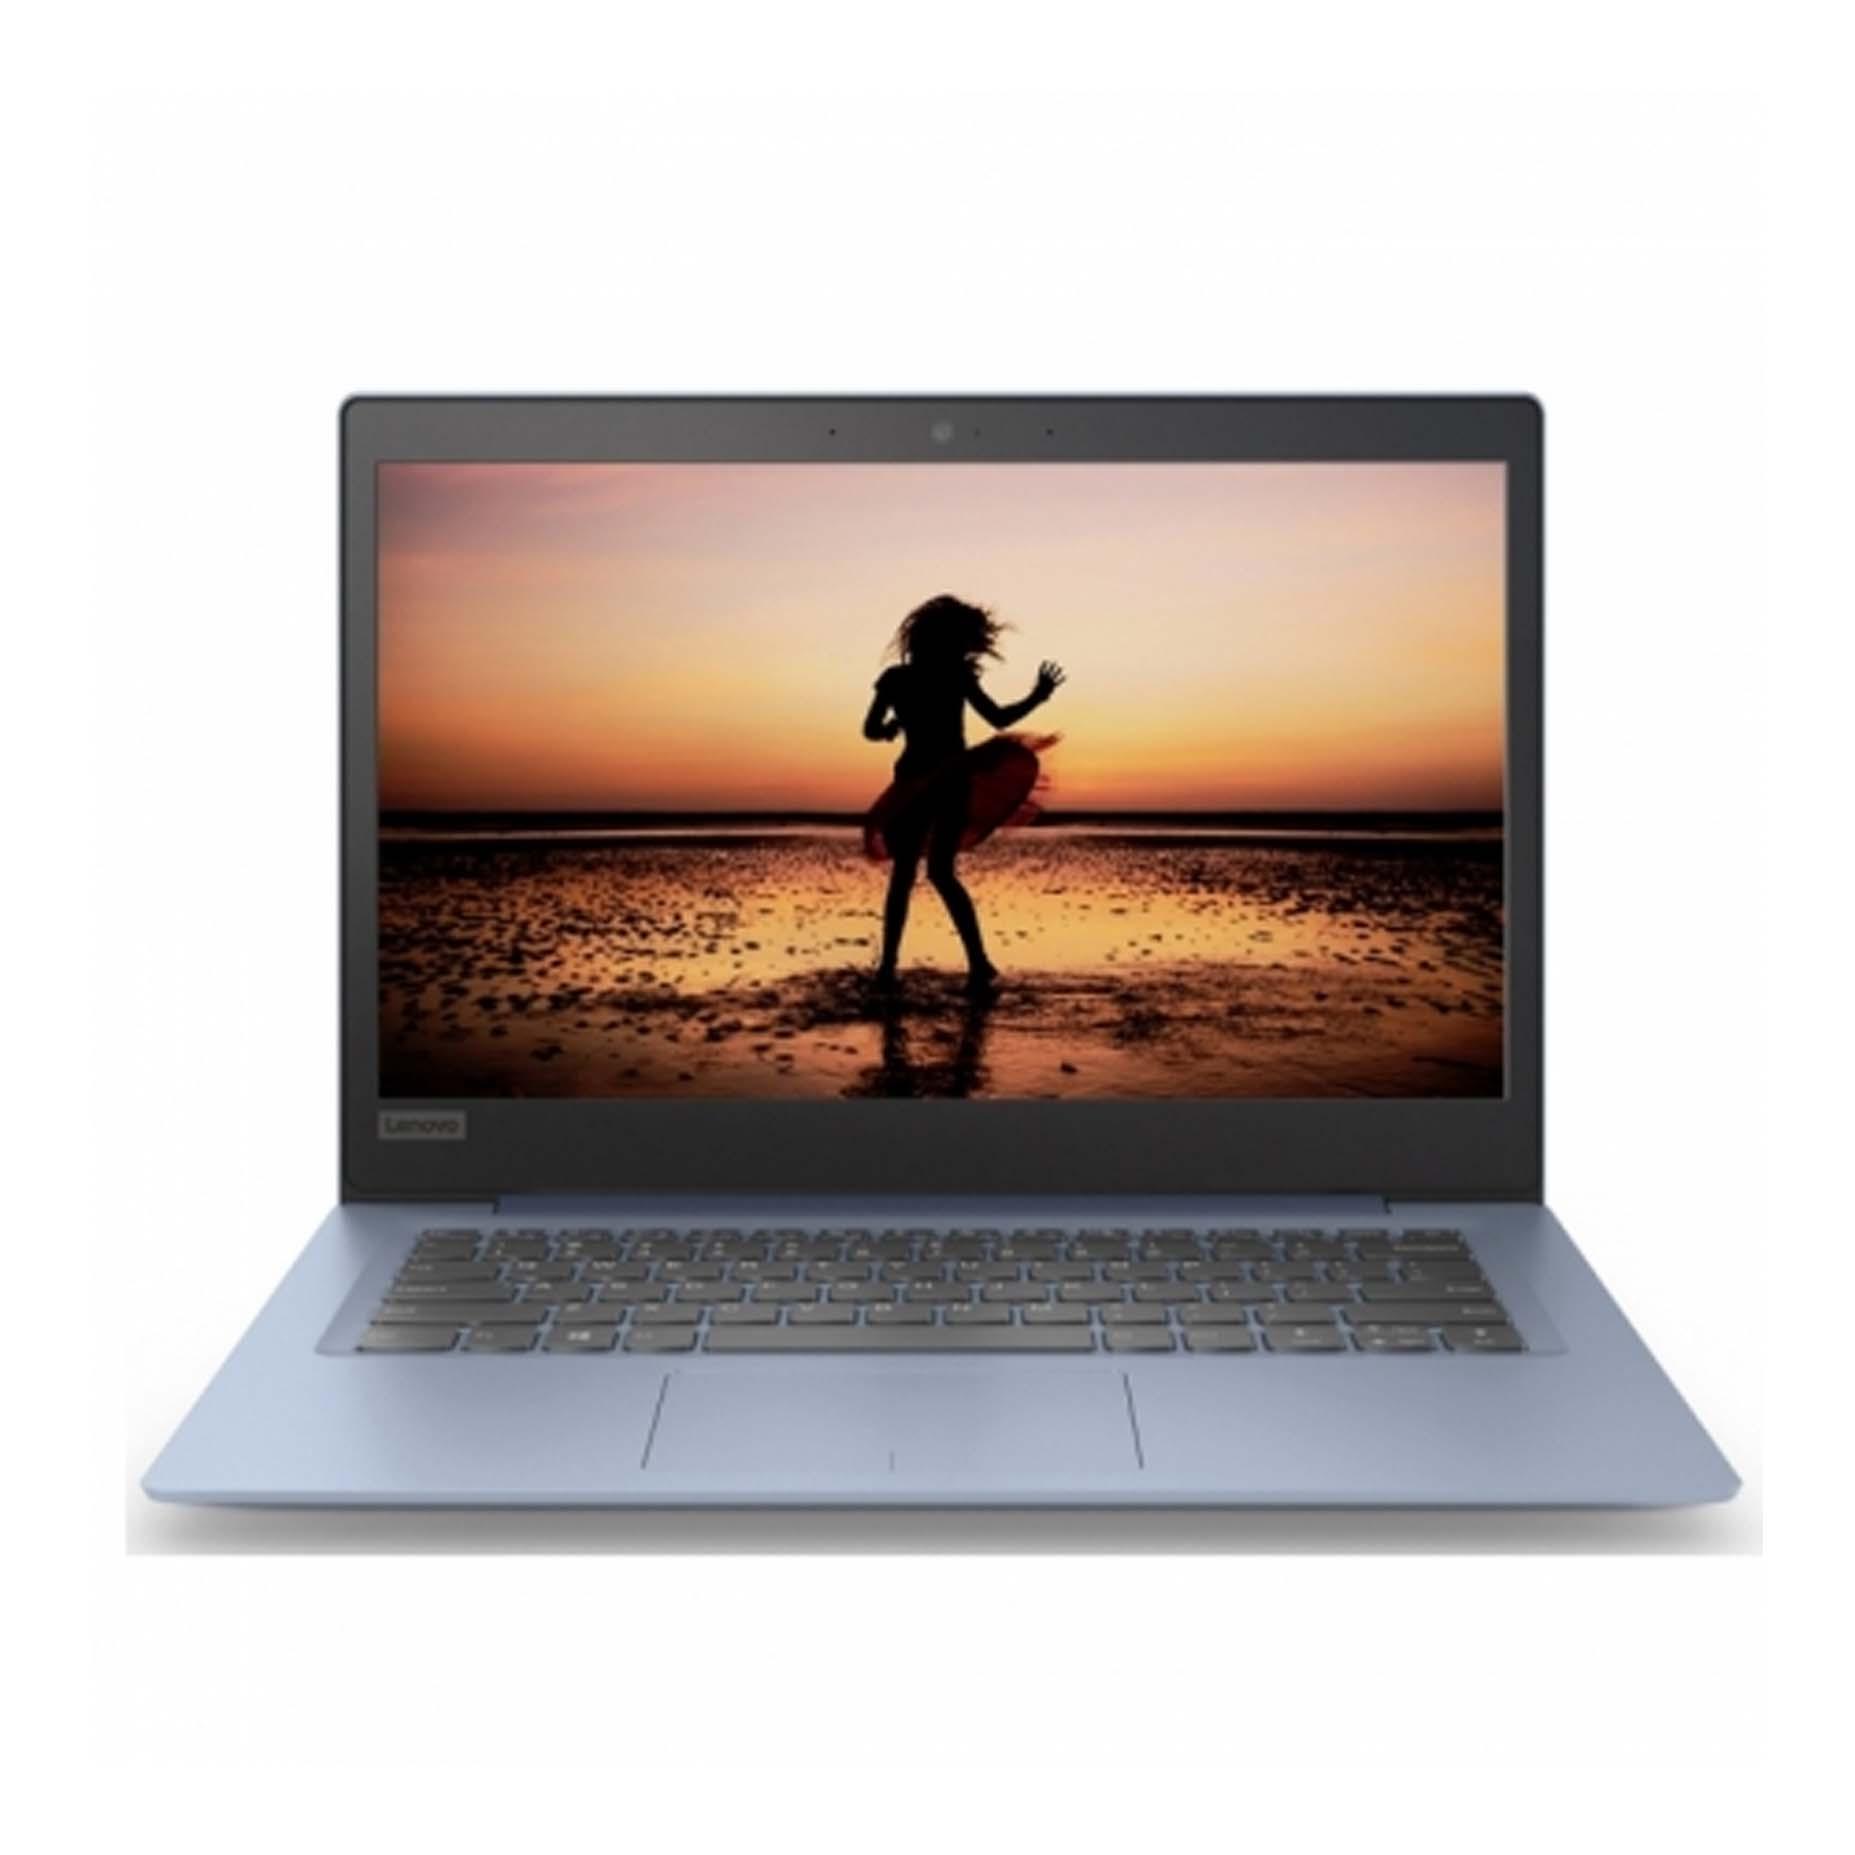 Harga Lenovo IP320-14ISK 7YID Laptop Intel Core i3-6006U 4GB 1TB VGA 2GB Windows 10 14 Inch Denim Blue